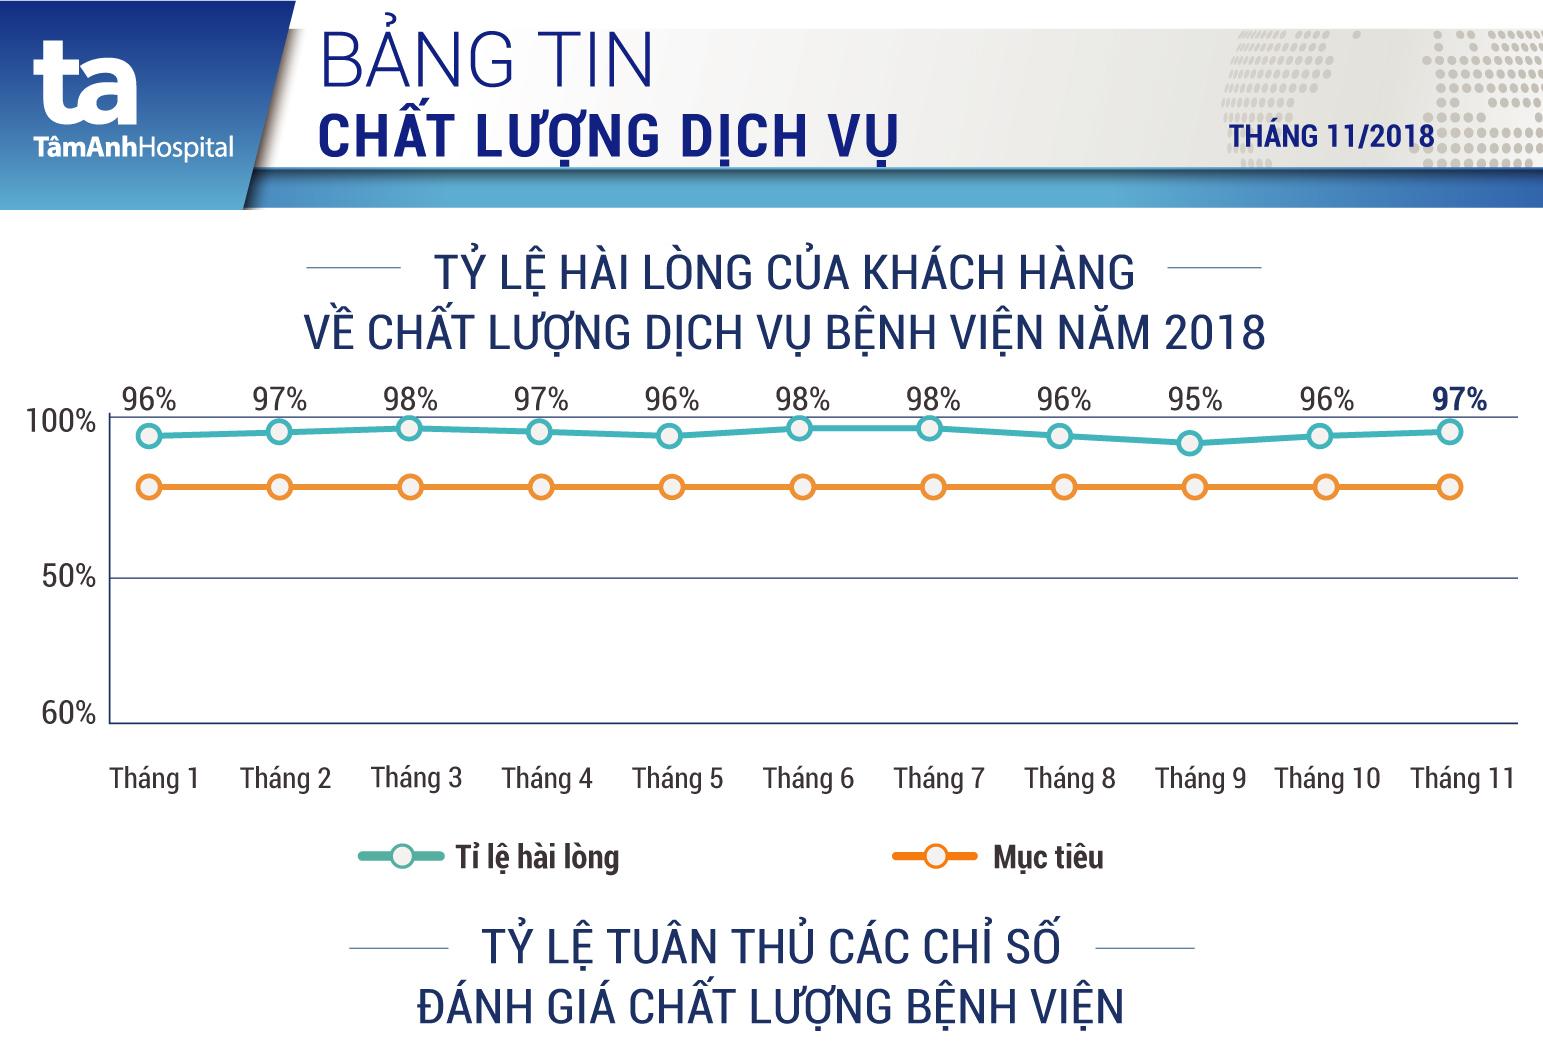 Bản tin chất lượng dịch vụ tháng 11/2018